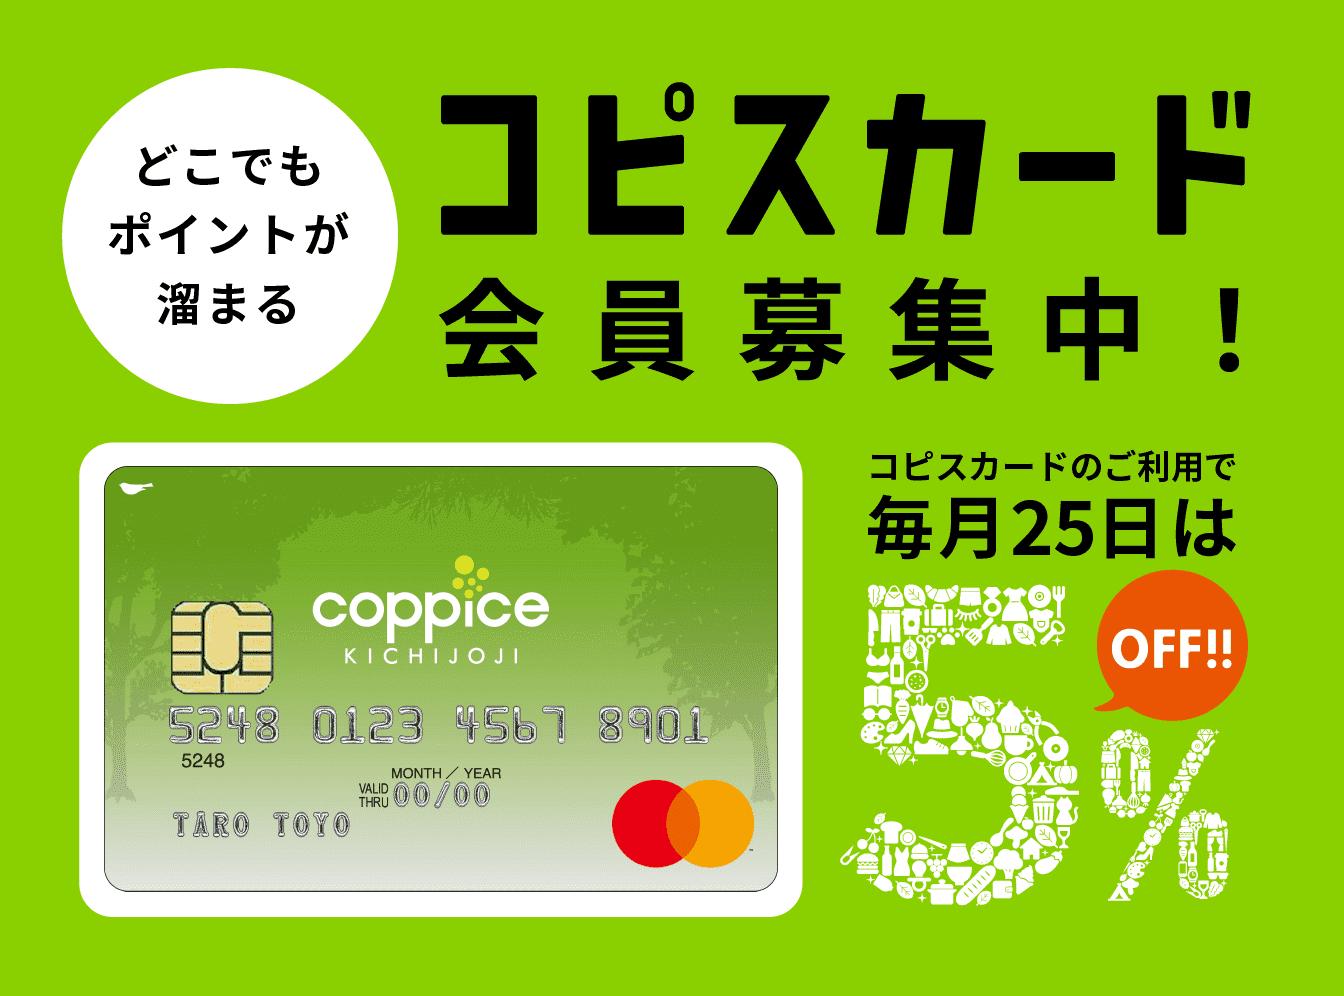 コピスカード会員募集中!